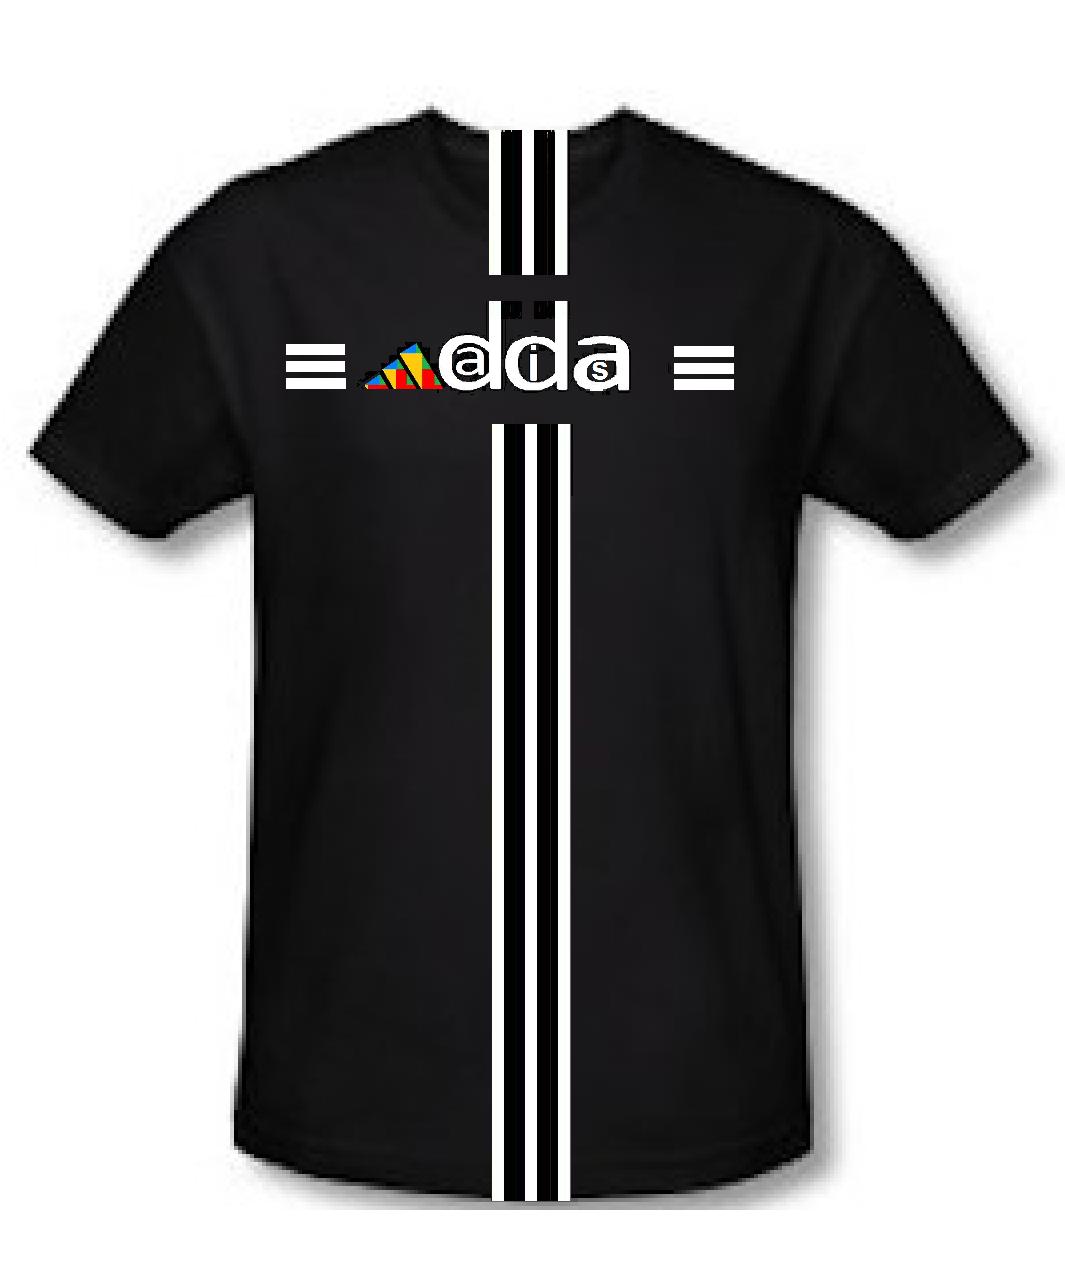 f7ad84b2 Adidas, swag, shirt, cool, design. | adidas stuff en 2019 | Ropa ...